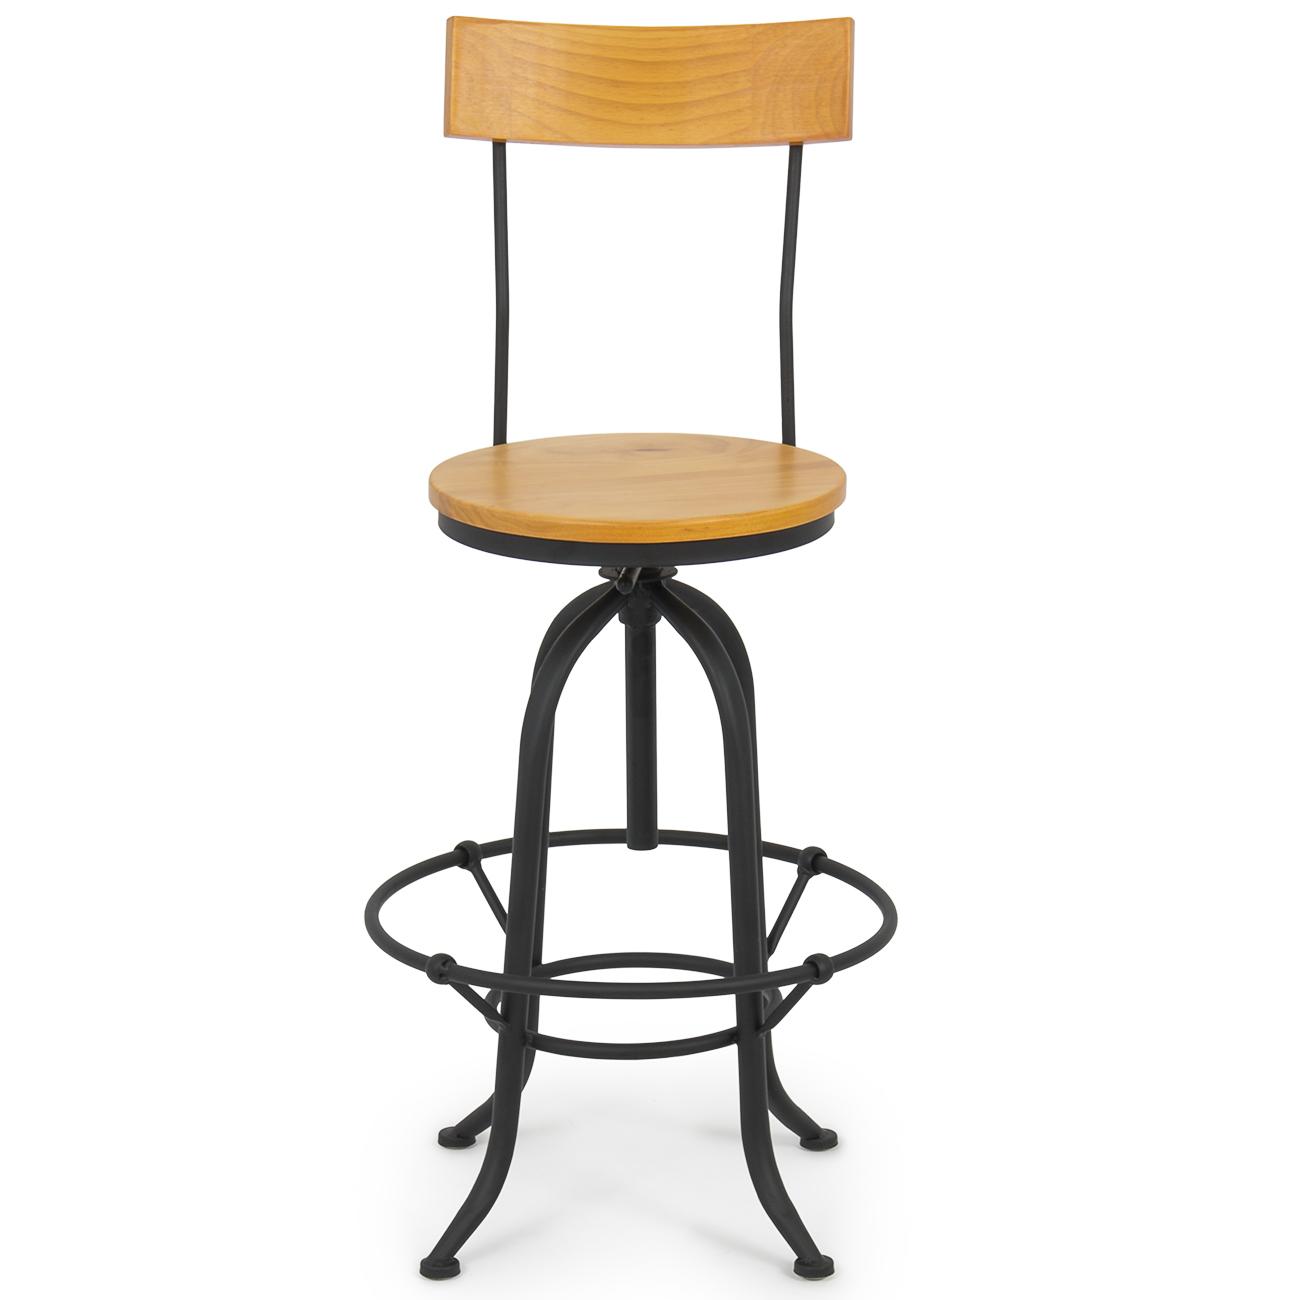 Vintage Bar Stool W Back Swivel Adjustable Seat Height